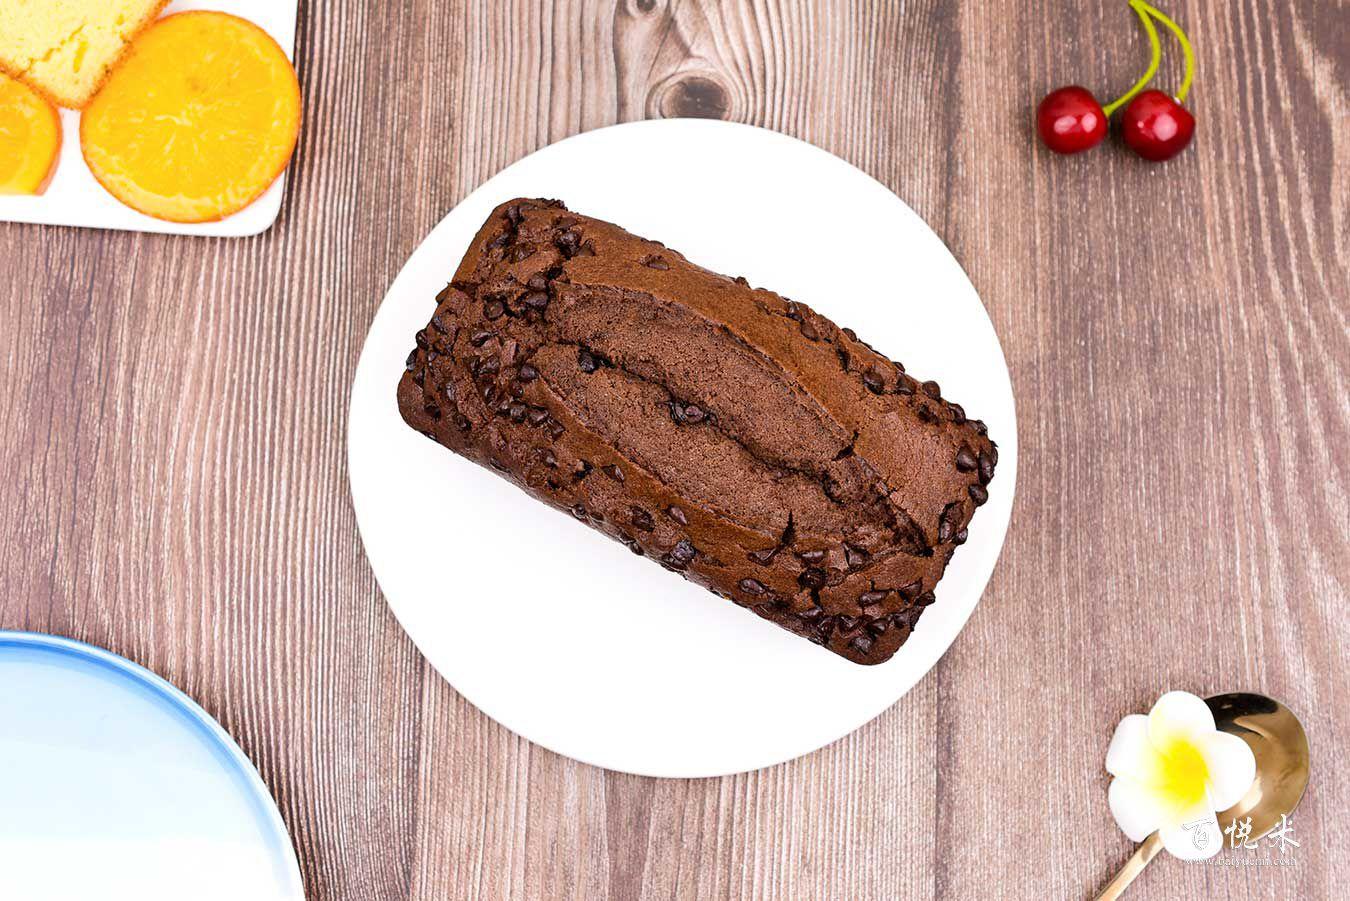 巧克力磅蛋糕高清图片大全【蛋糕图片】_324